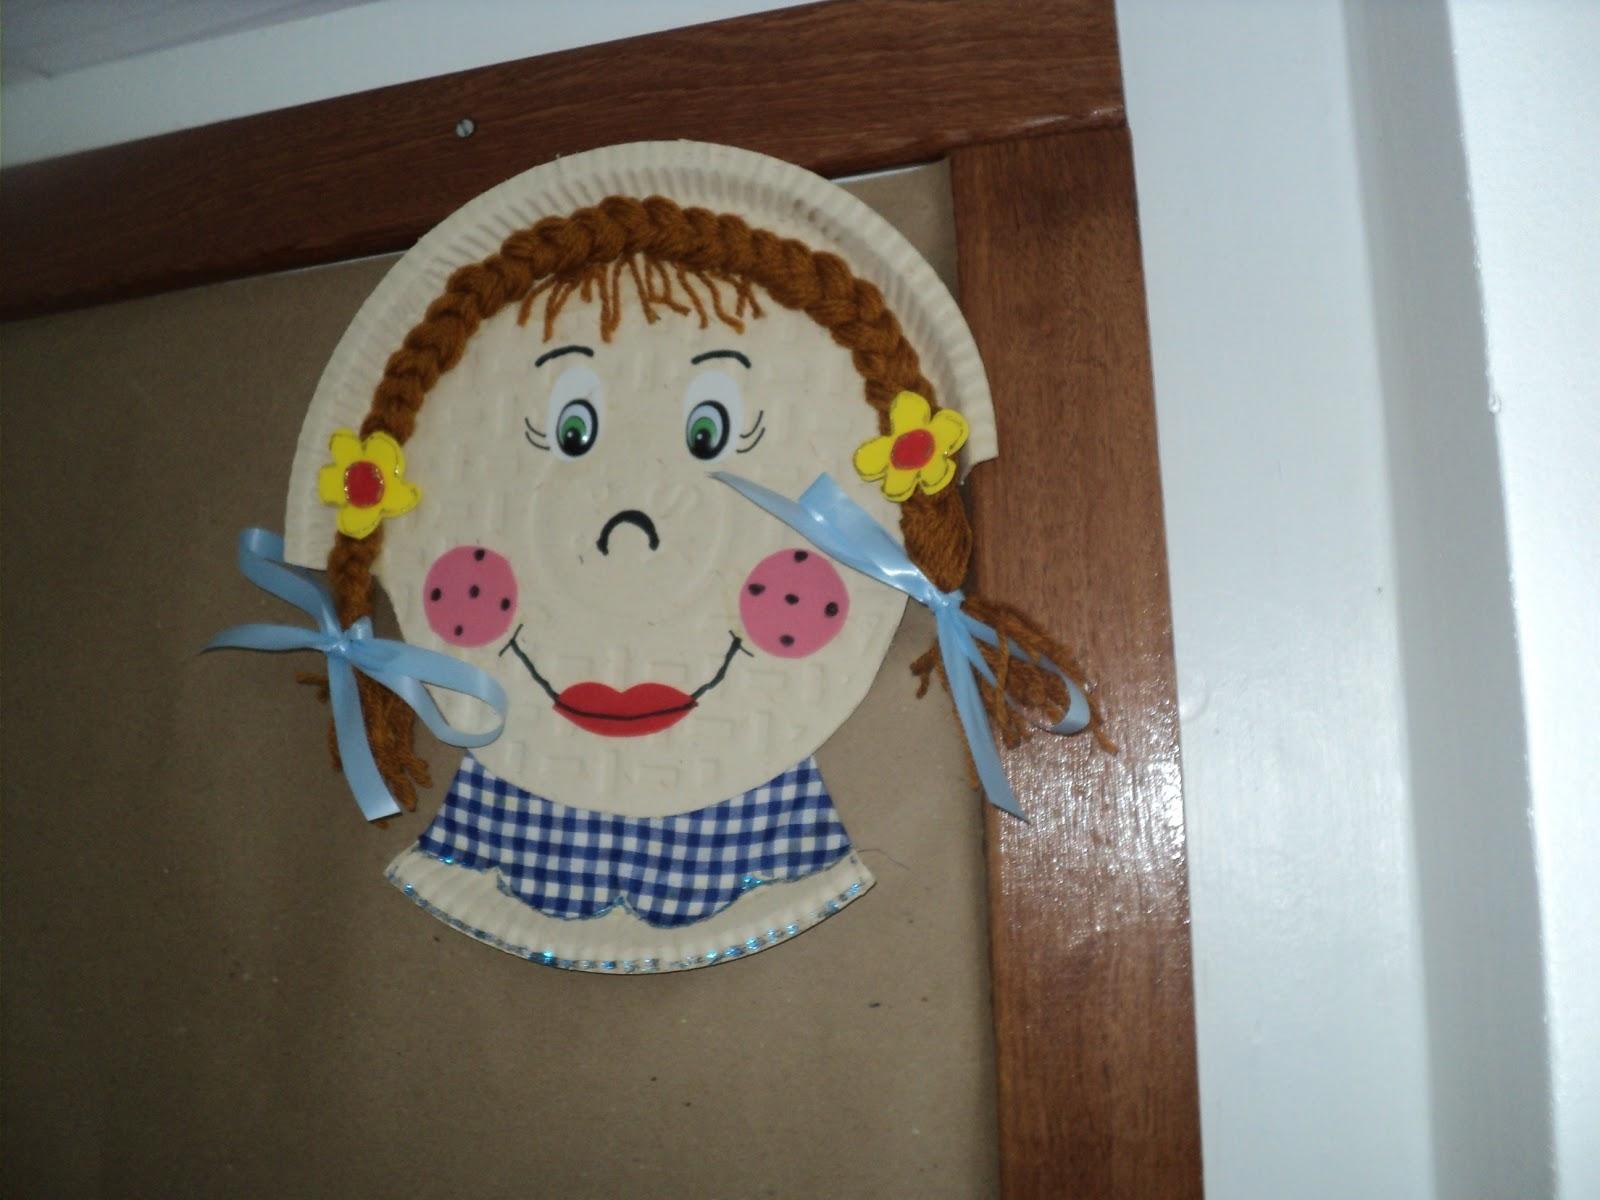 Armario De Quarto Feito De Caixote ~ Tathi sonho pratos decorados, artesanato na escola, decoraç u00e3o junina